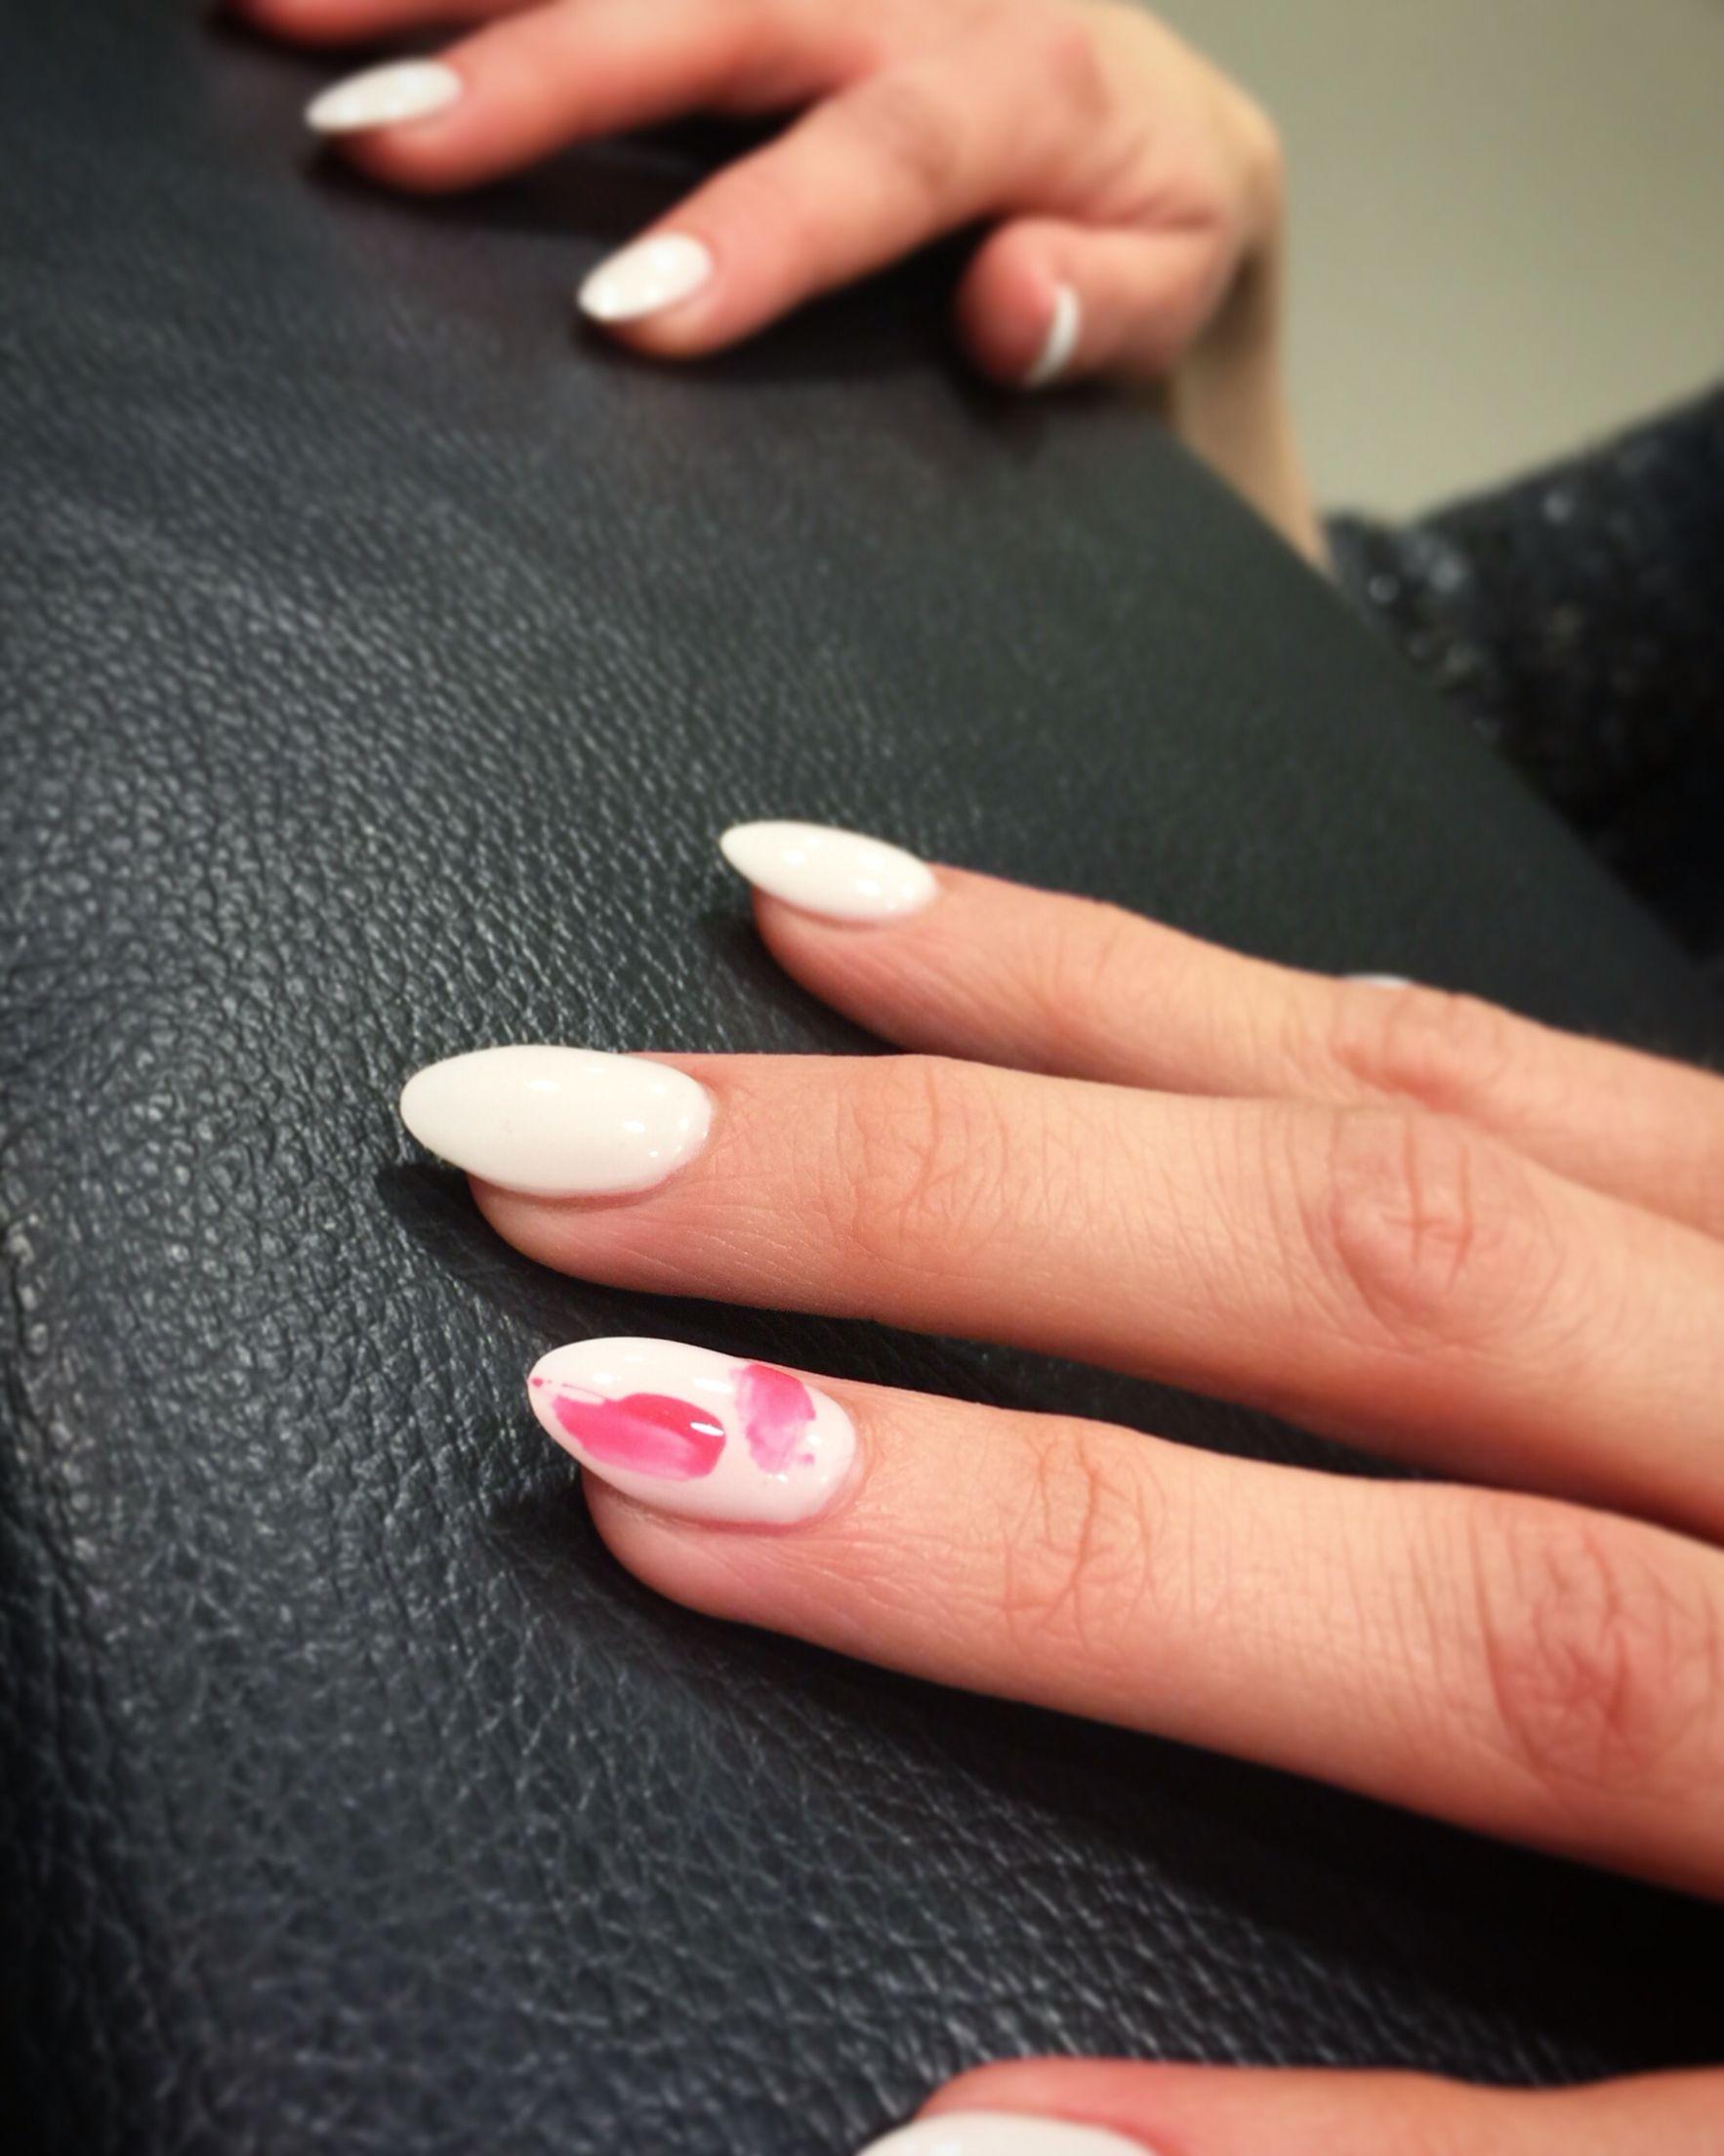 Abstracte nagels door Nail Vision - Nail Vision | Pinterest - Nagel ...